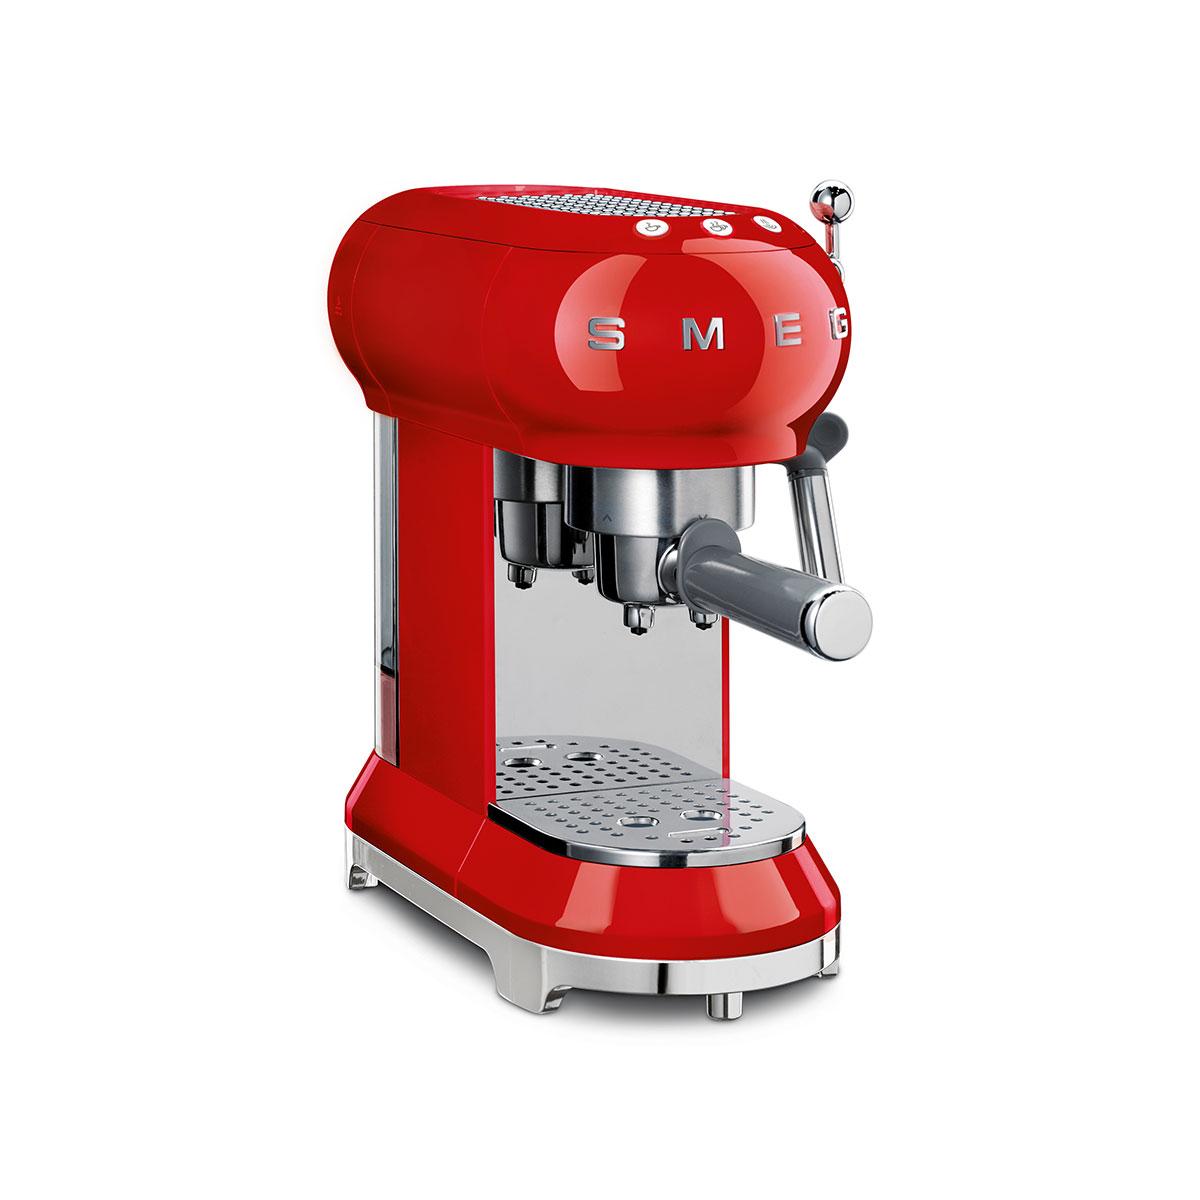 smeg espressomaschinen ecf01 g nstig online kaufen versandkostenfrei. Black Bedroom Furniture Sets. Home Design Ideas